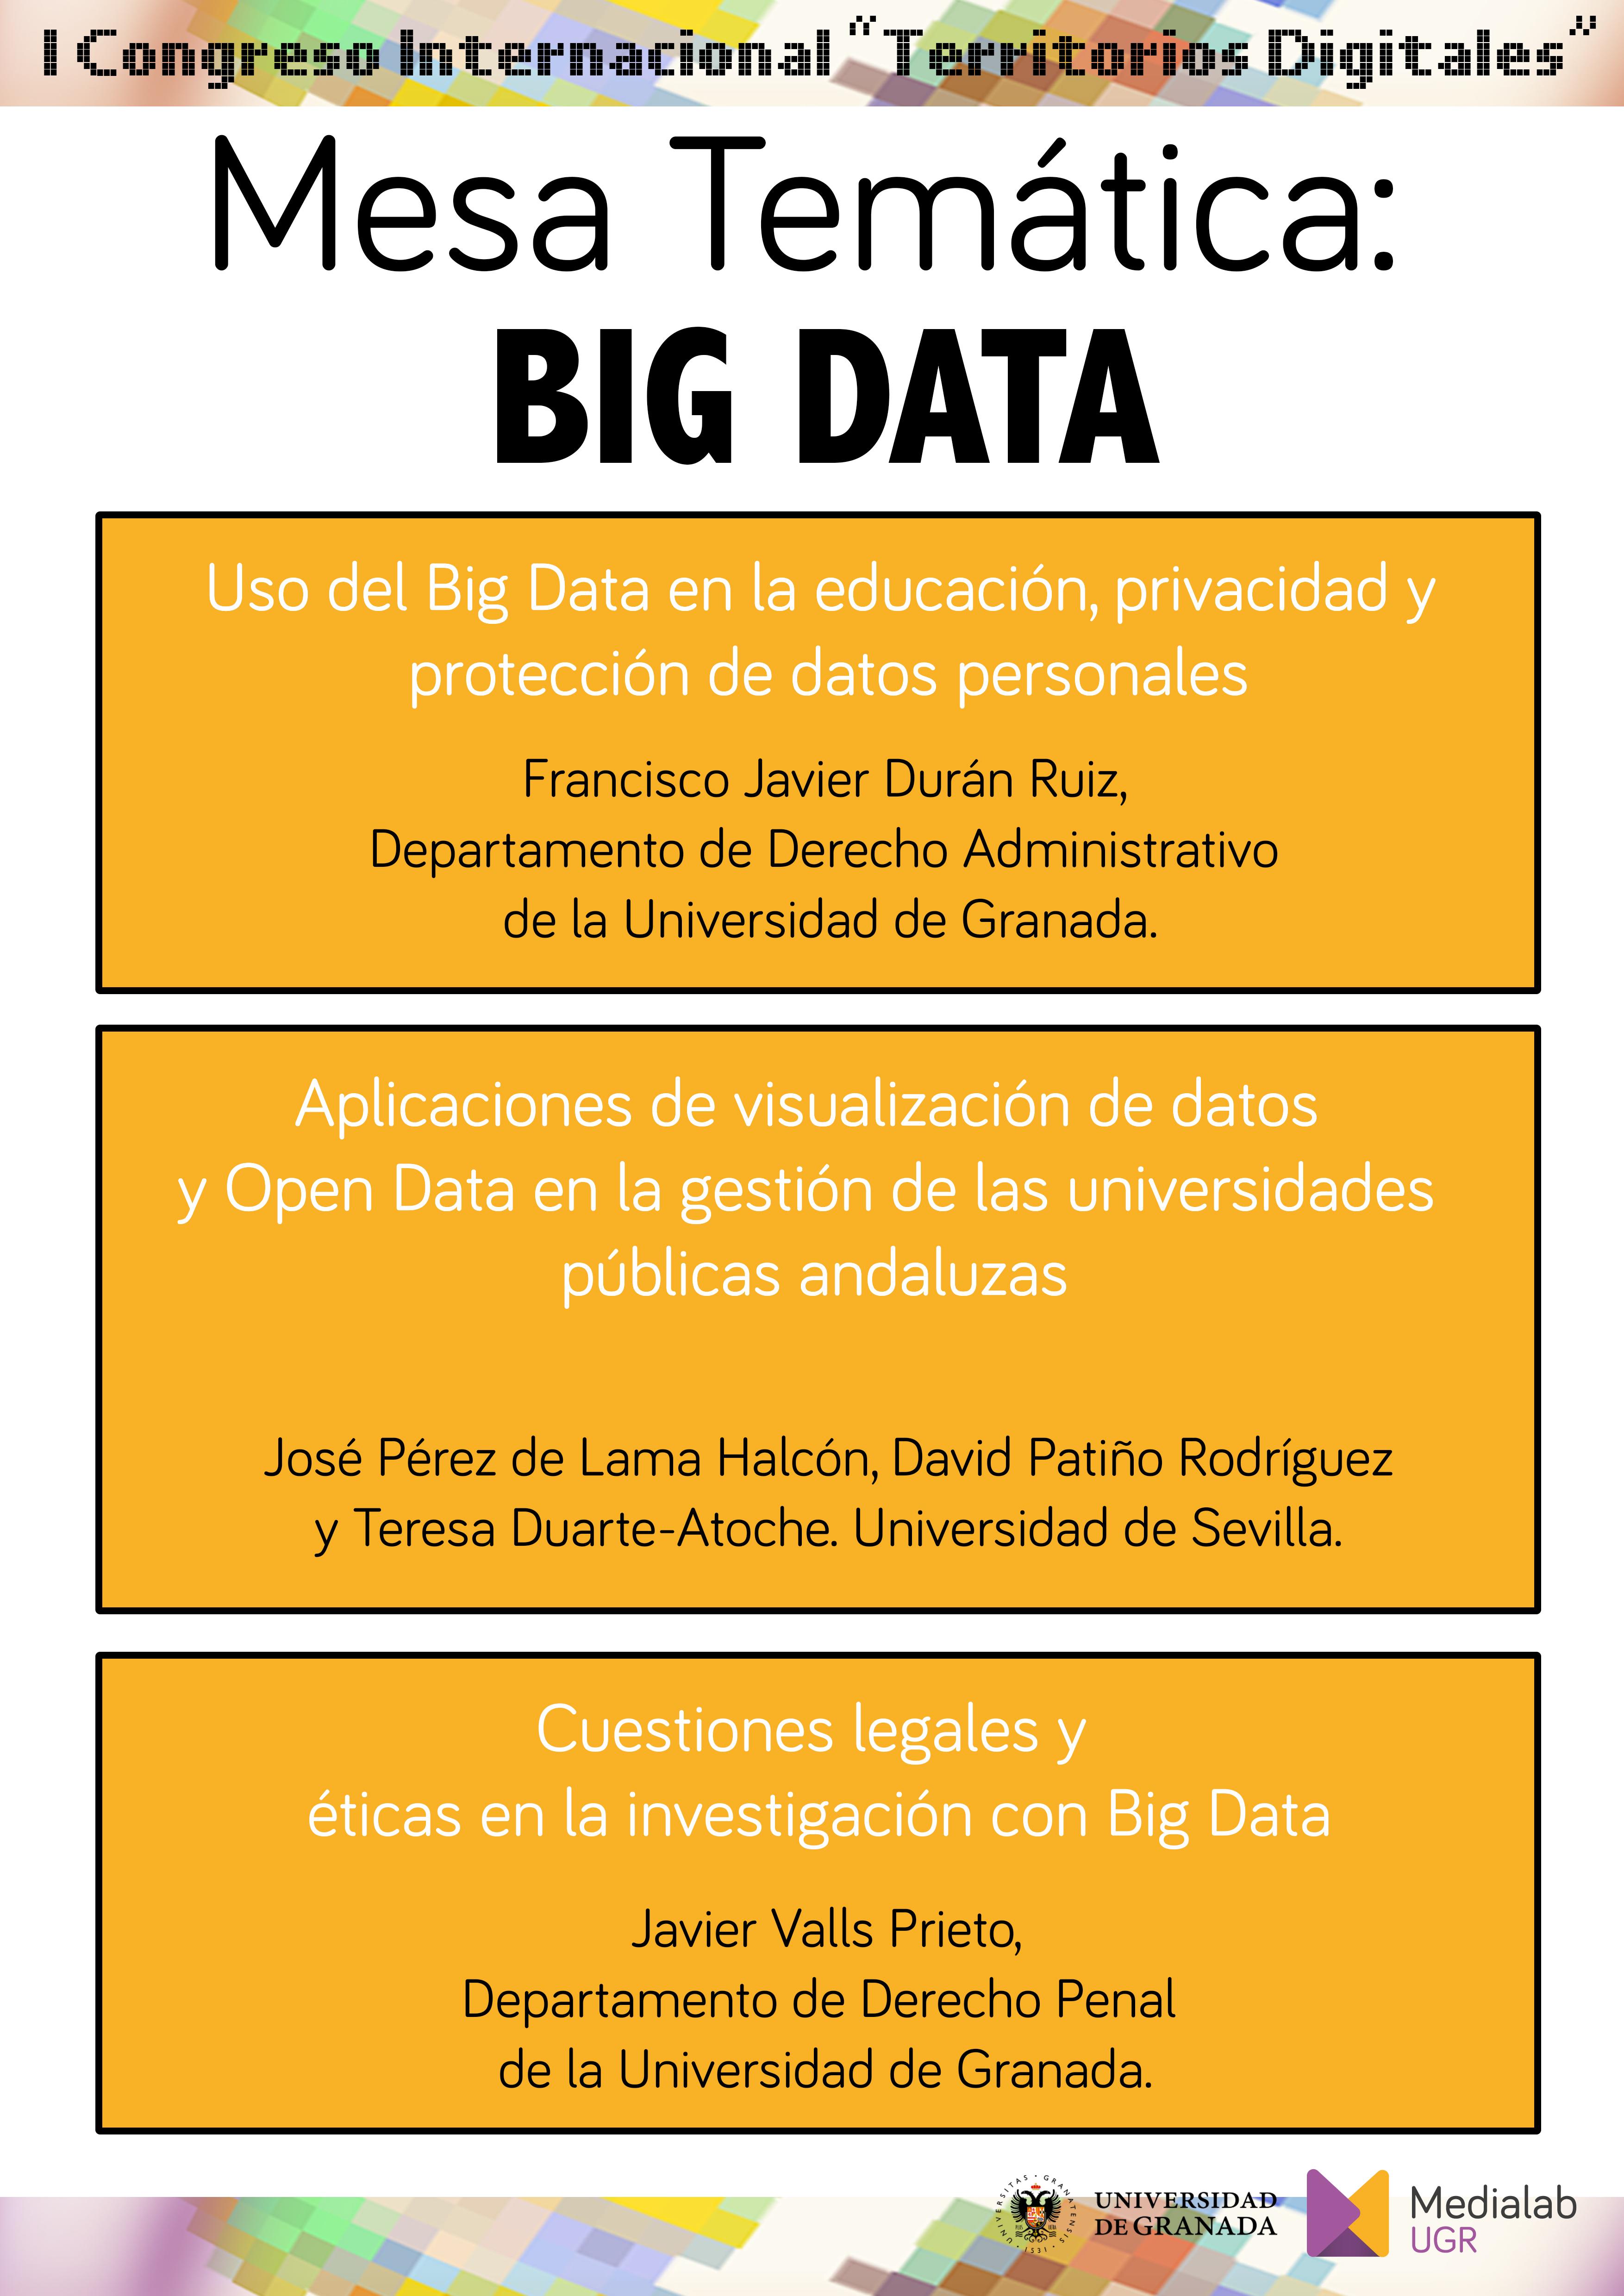 Aplicaciones de visualización de datos y open data en la gestión de las universidades públicas andaluzas